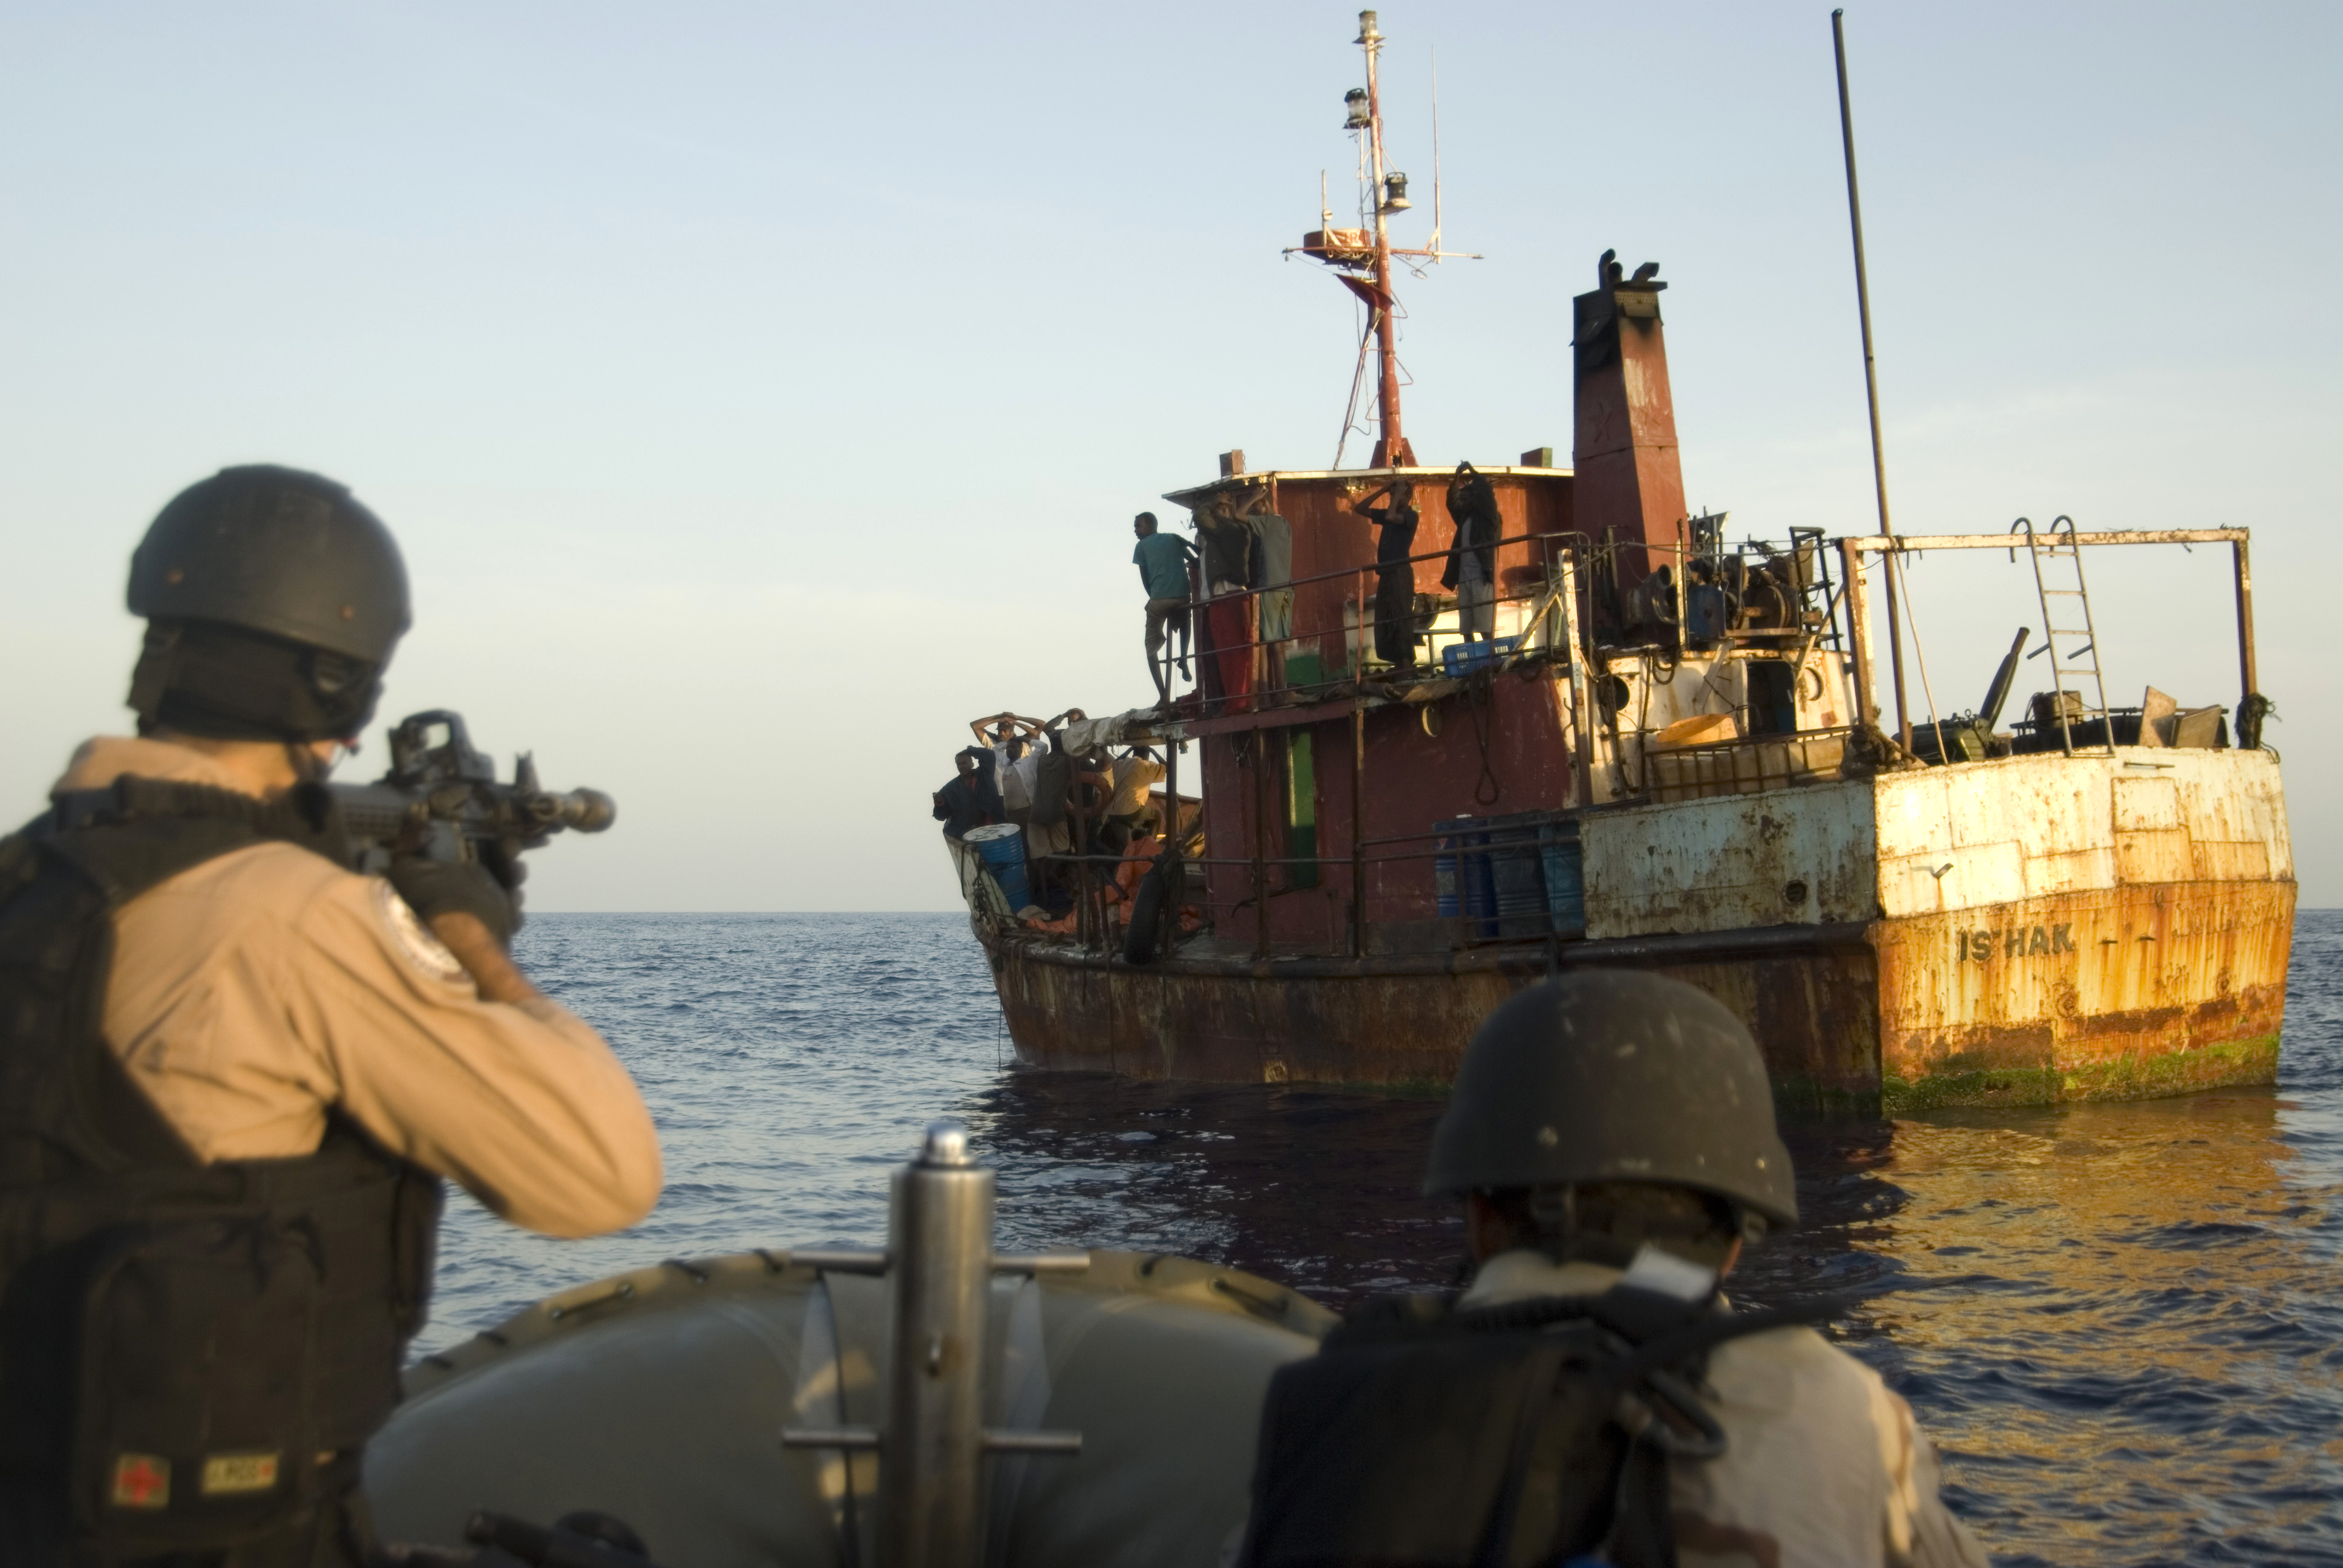 Μπορούν οι ναυτιλιακές εταιρείες να καταπολεμήσουν μόνες τους την πειρατεία; - e-Nautilia.gr | Το Ελληνικό Portal για την Ναυτιλία. Τελευταία νέα, άρθρα, Οπτικοακουστικό Υλικό